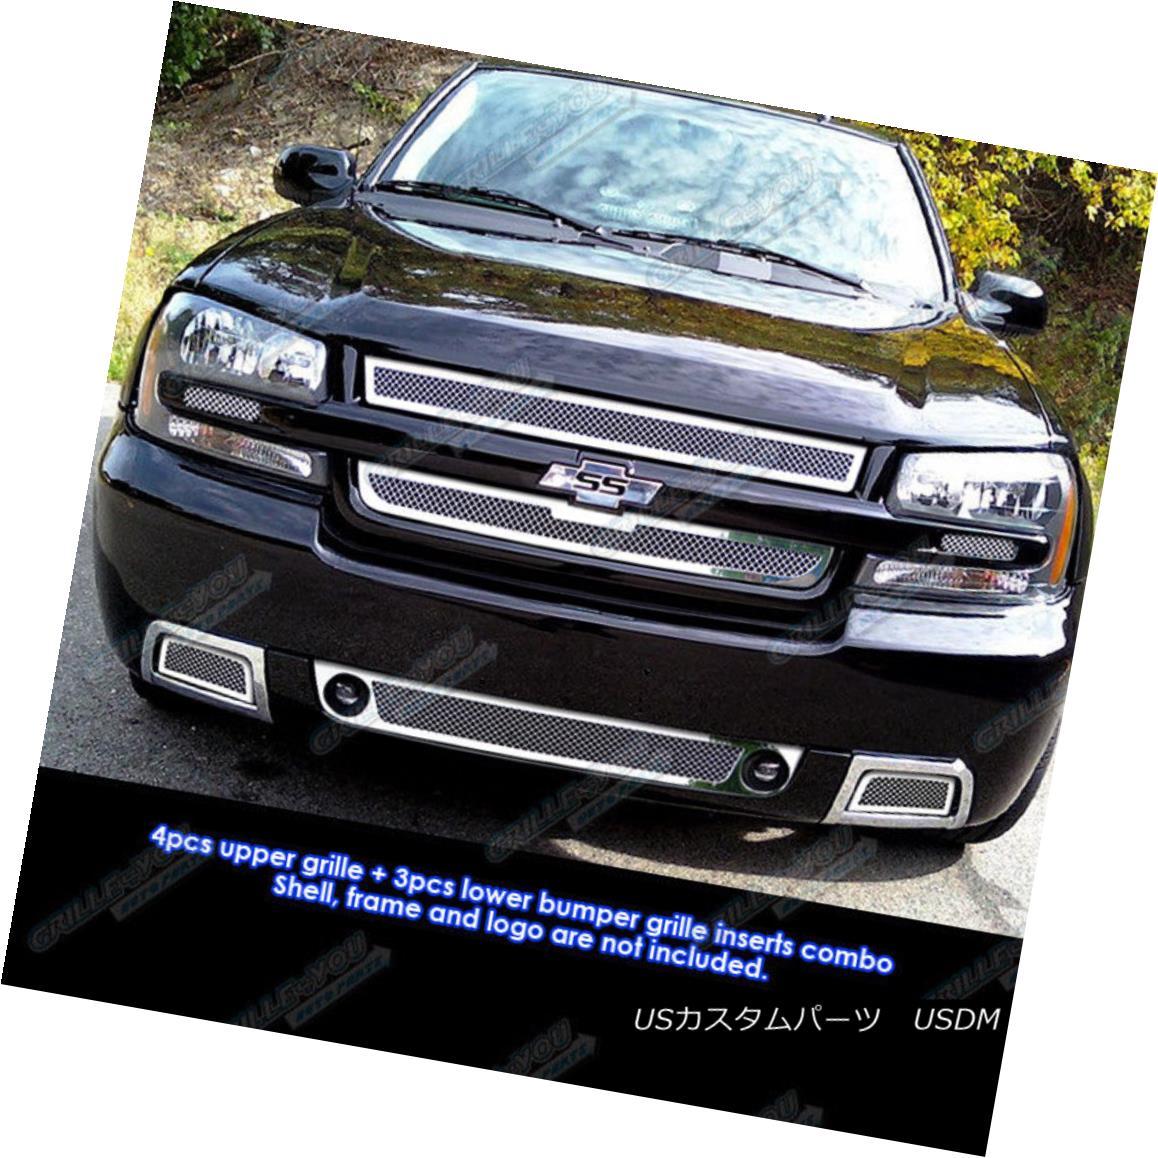 グリル Fits 2006-2009 Chevy Trailblazer SS Mesh Grille Combo Insert フィット2006-2009シボレートレイルブレイザーSSメッシュグリルコンボインサート